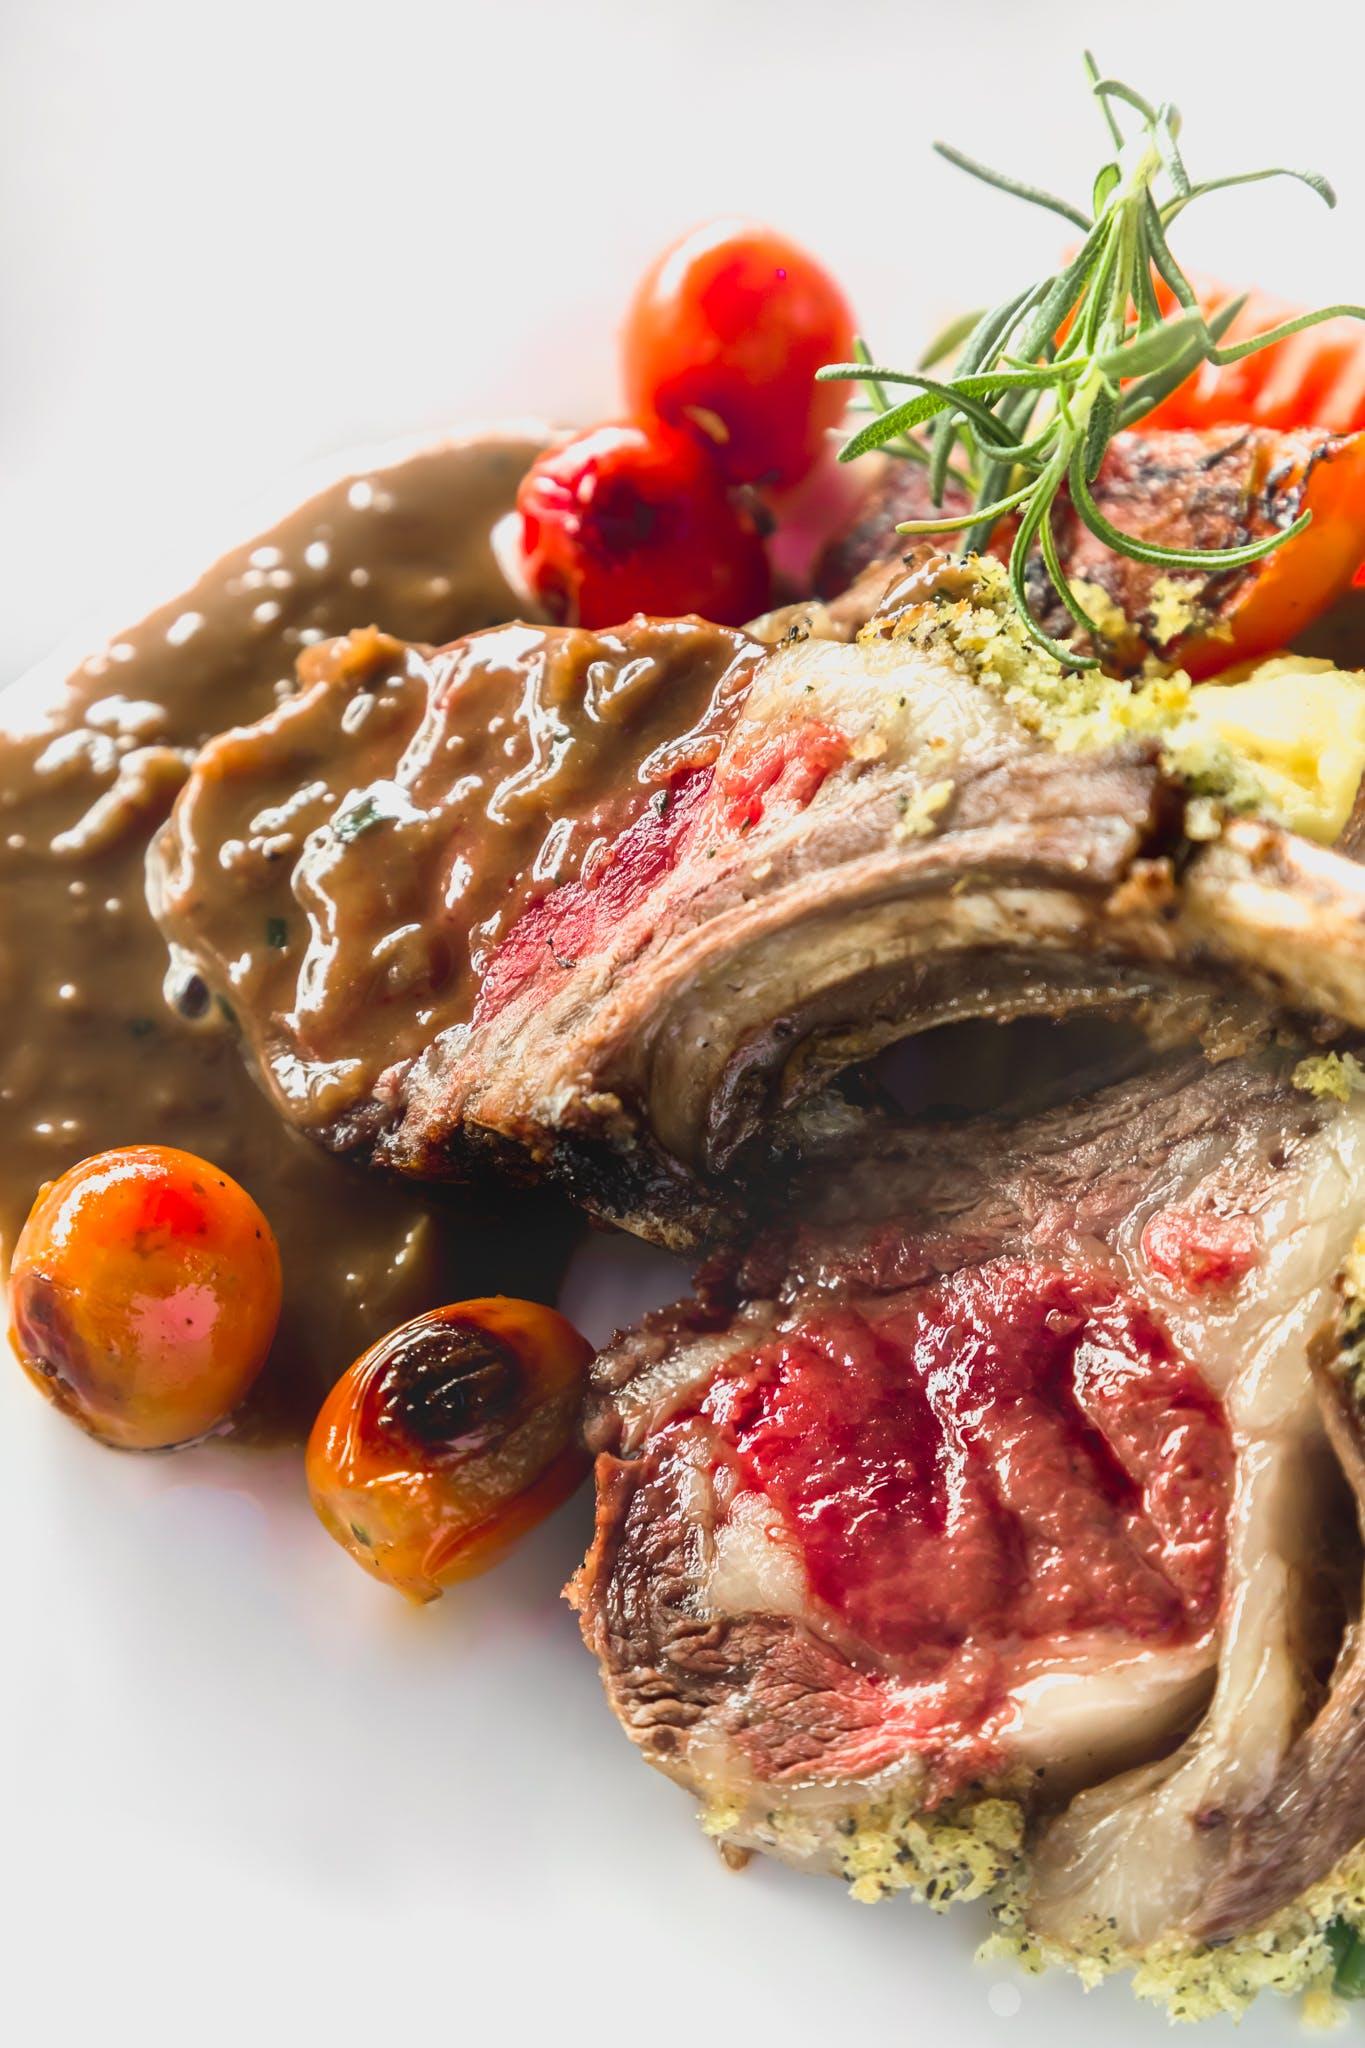 Gratis lagerfoto af fotografi, kød, lam, mad